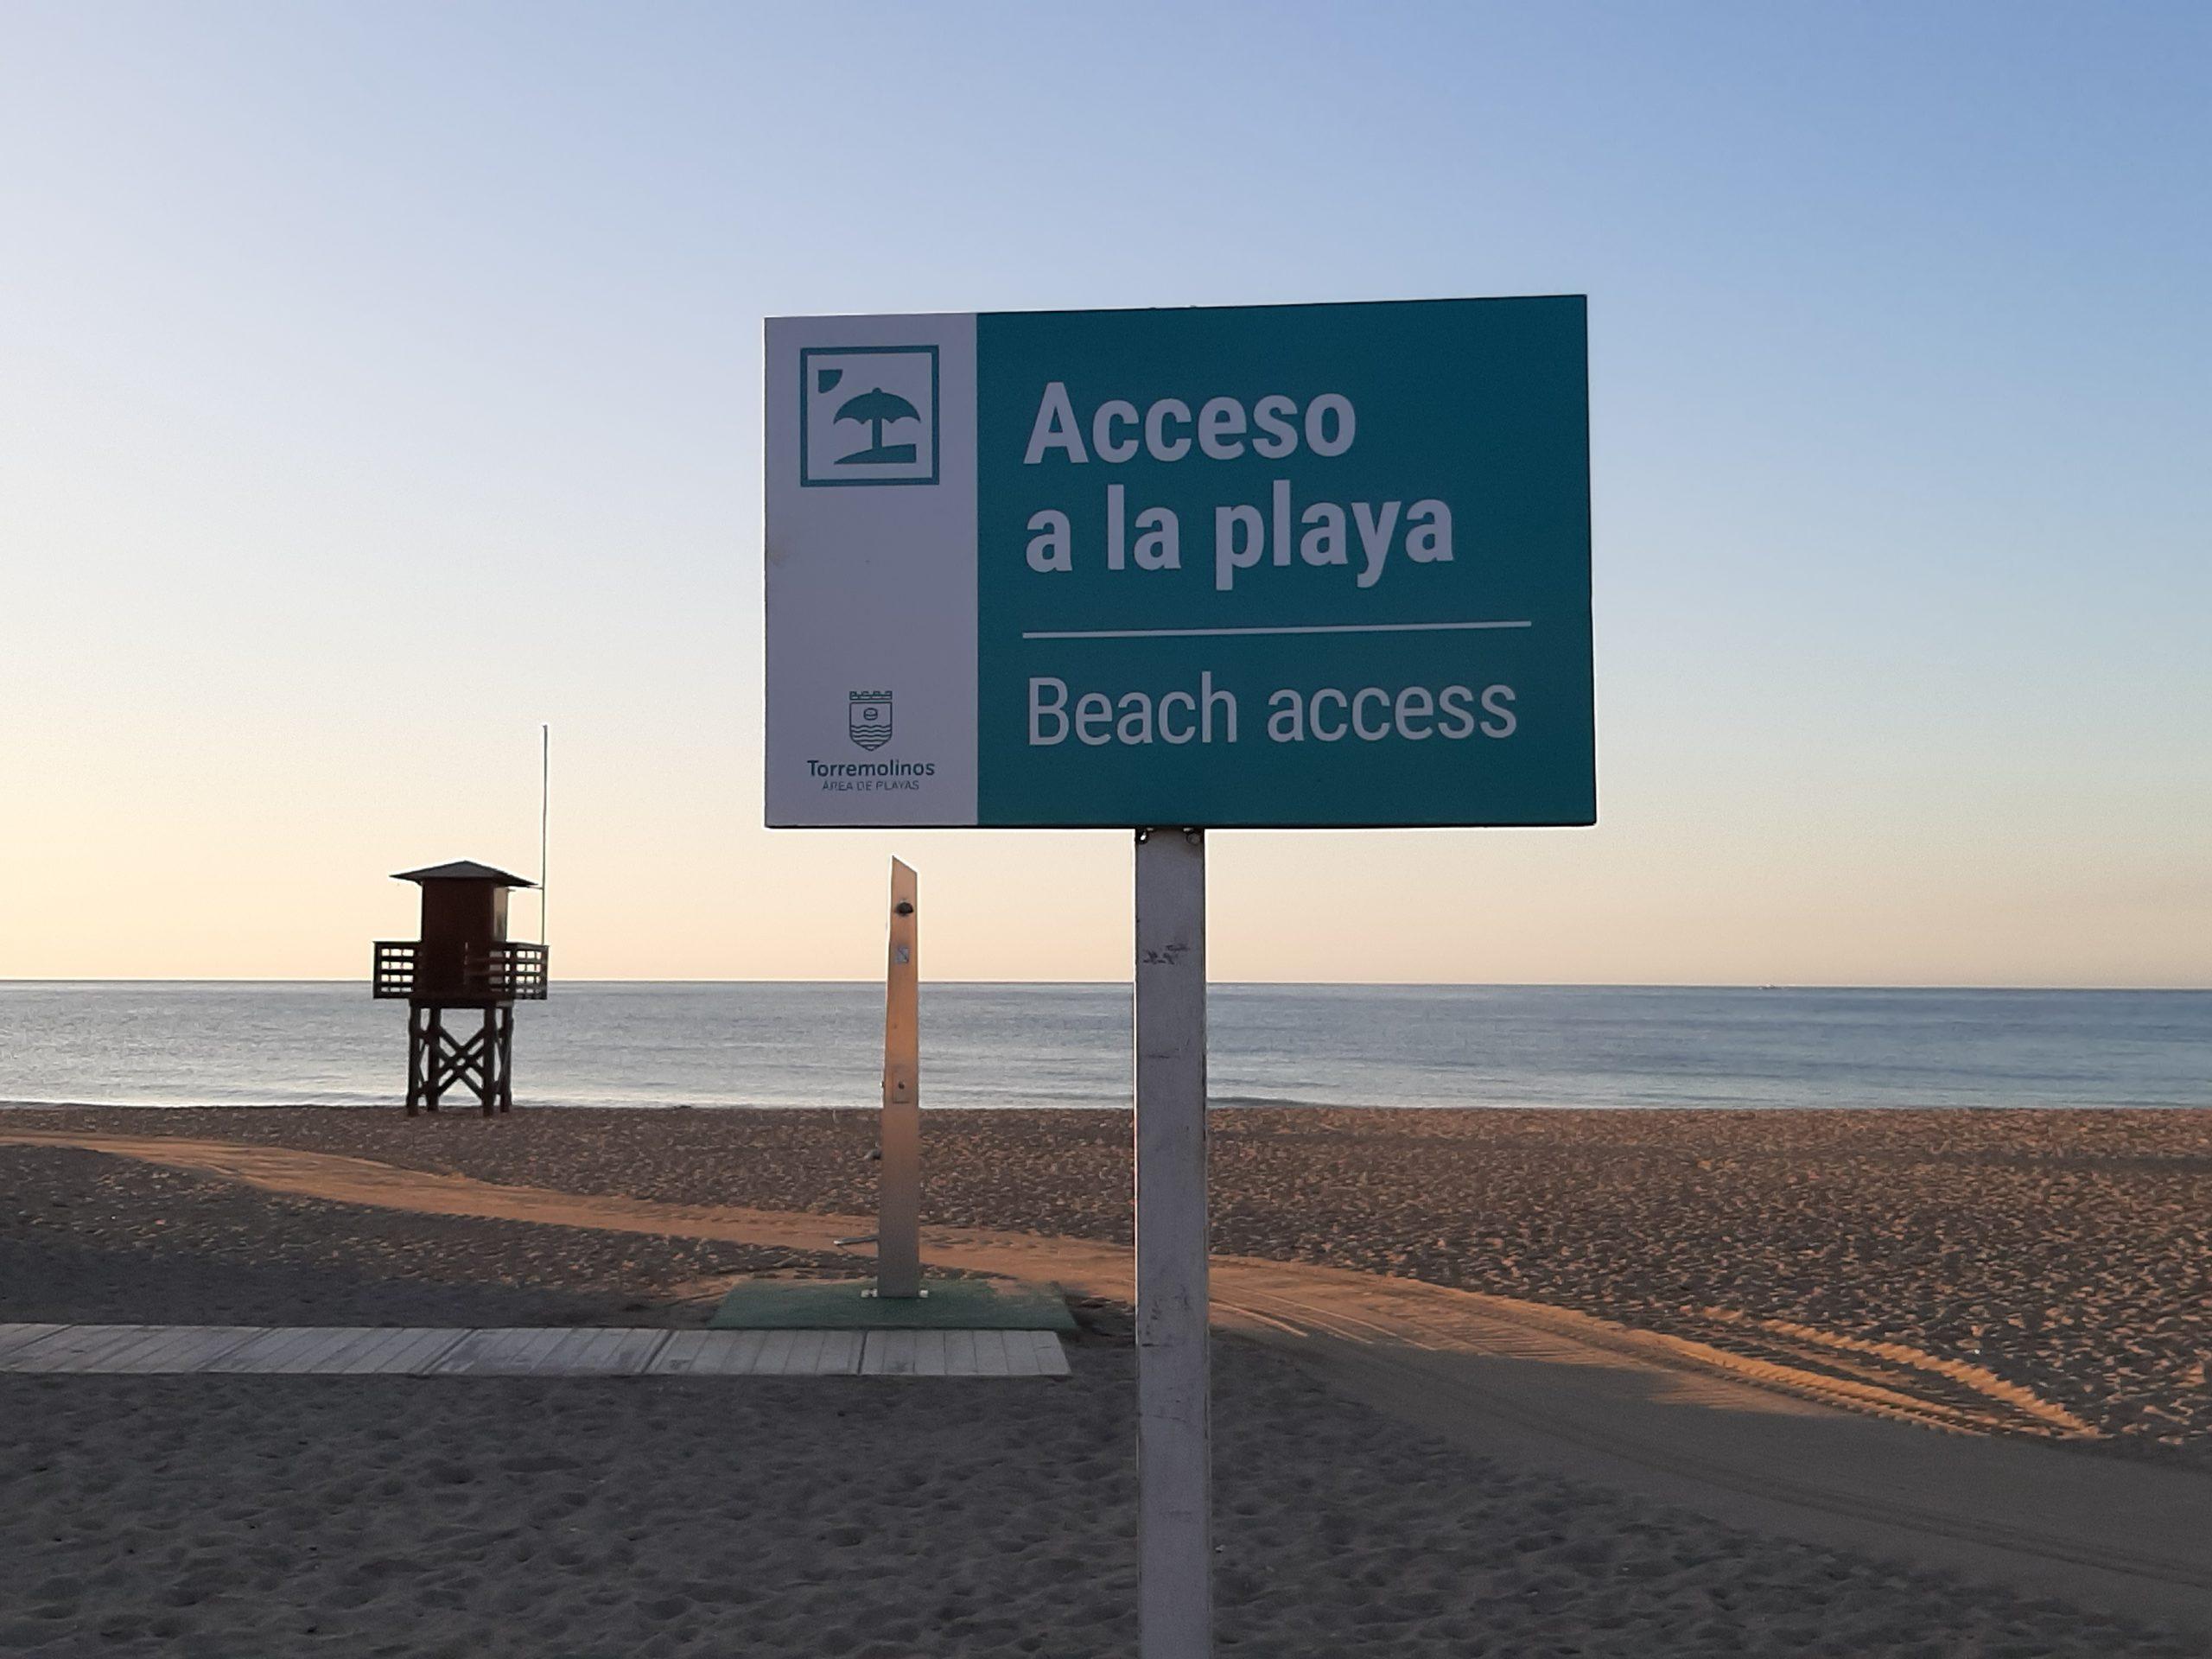 Malaga summer 2020